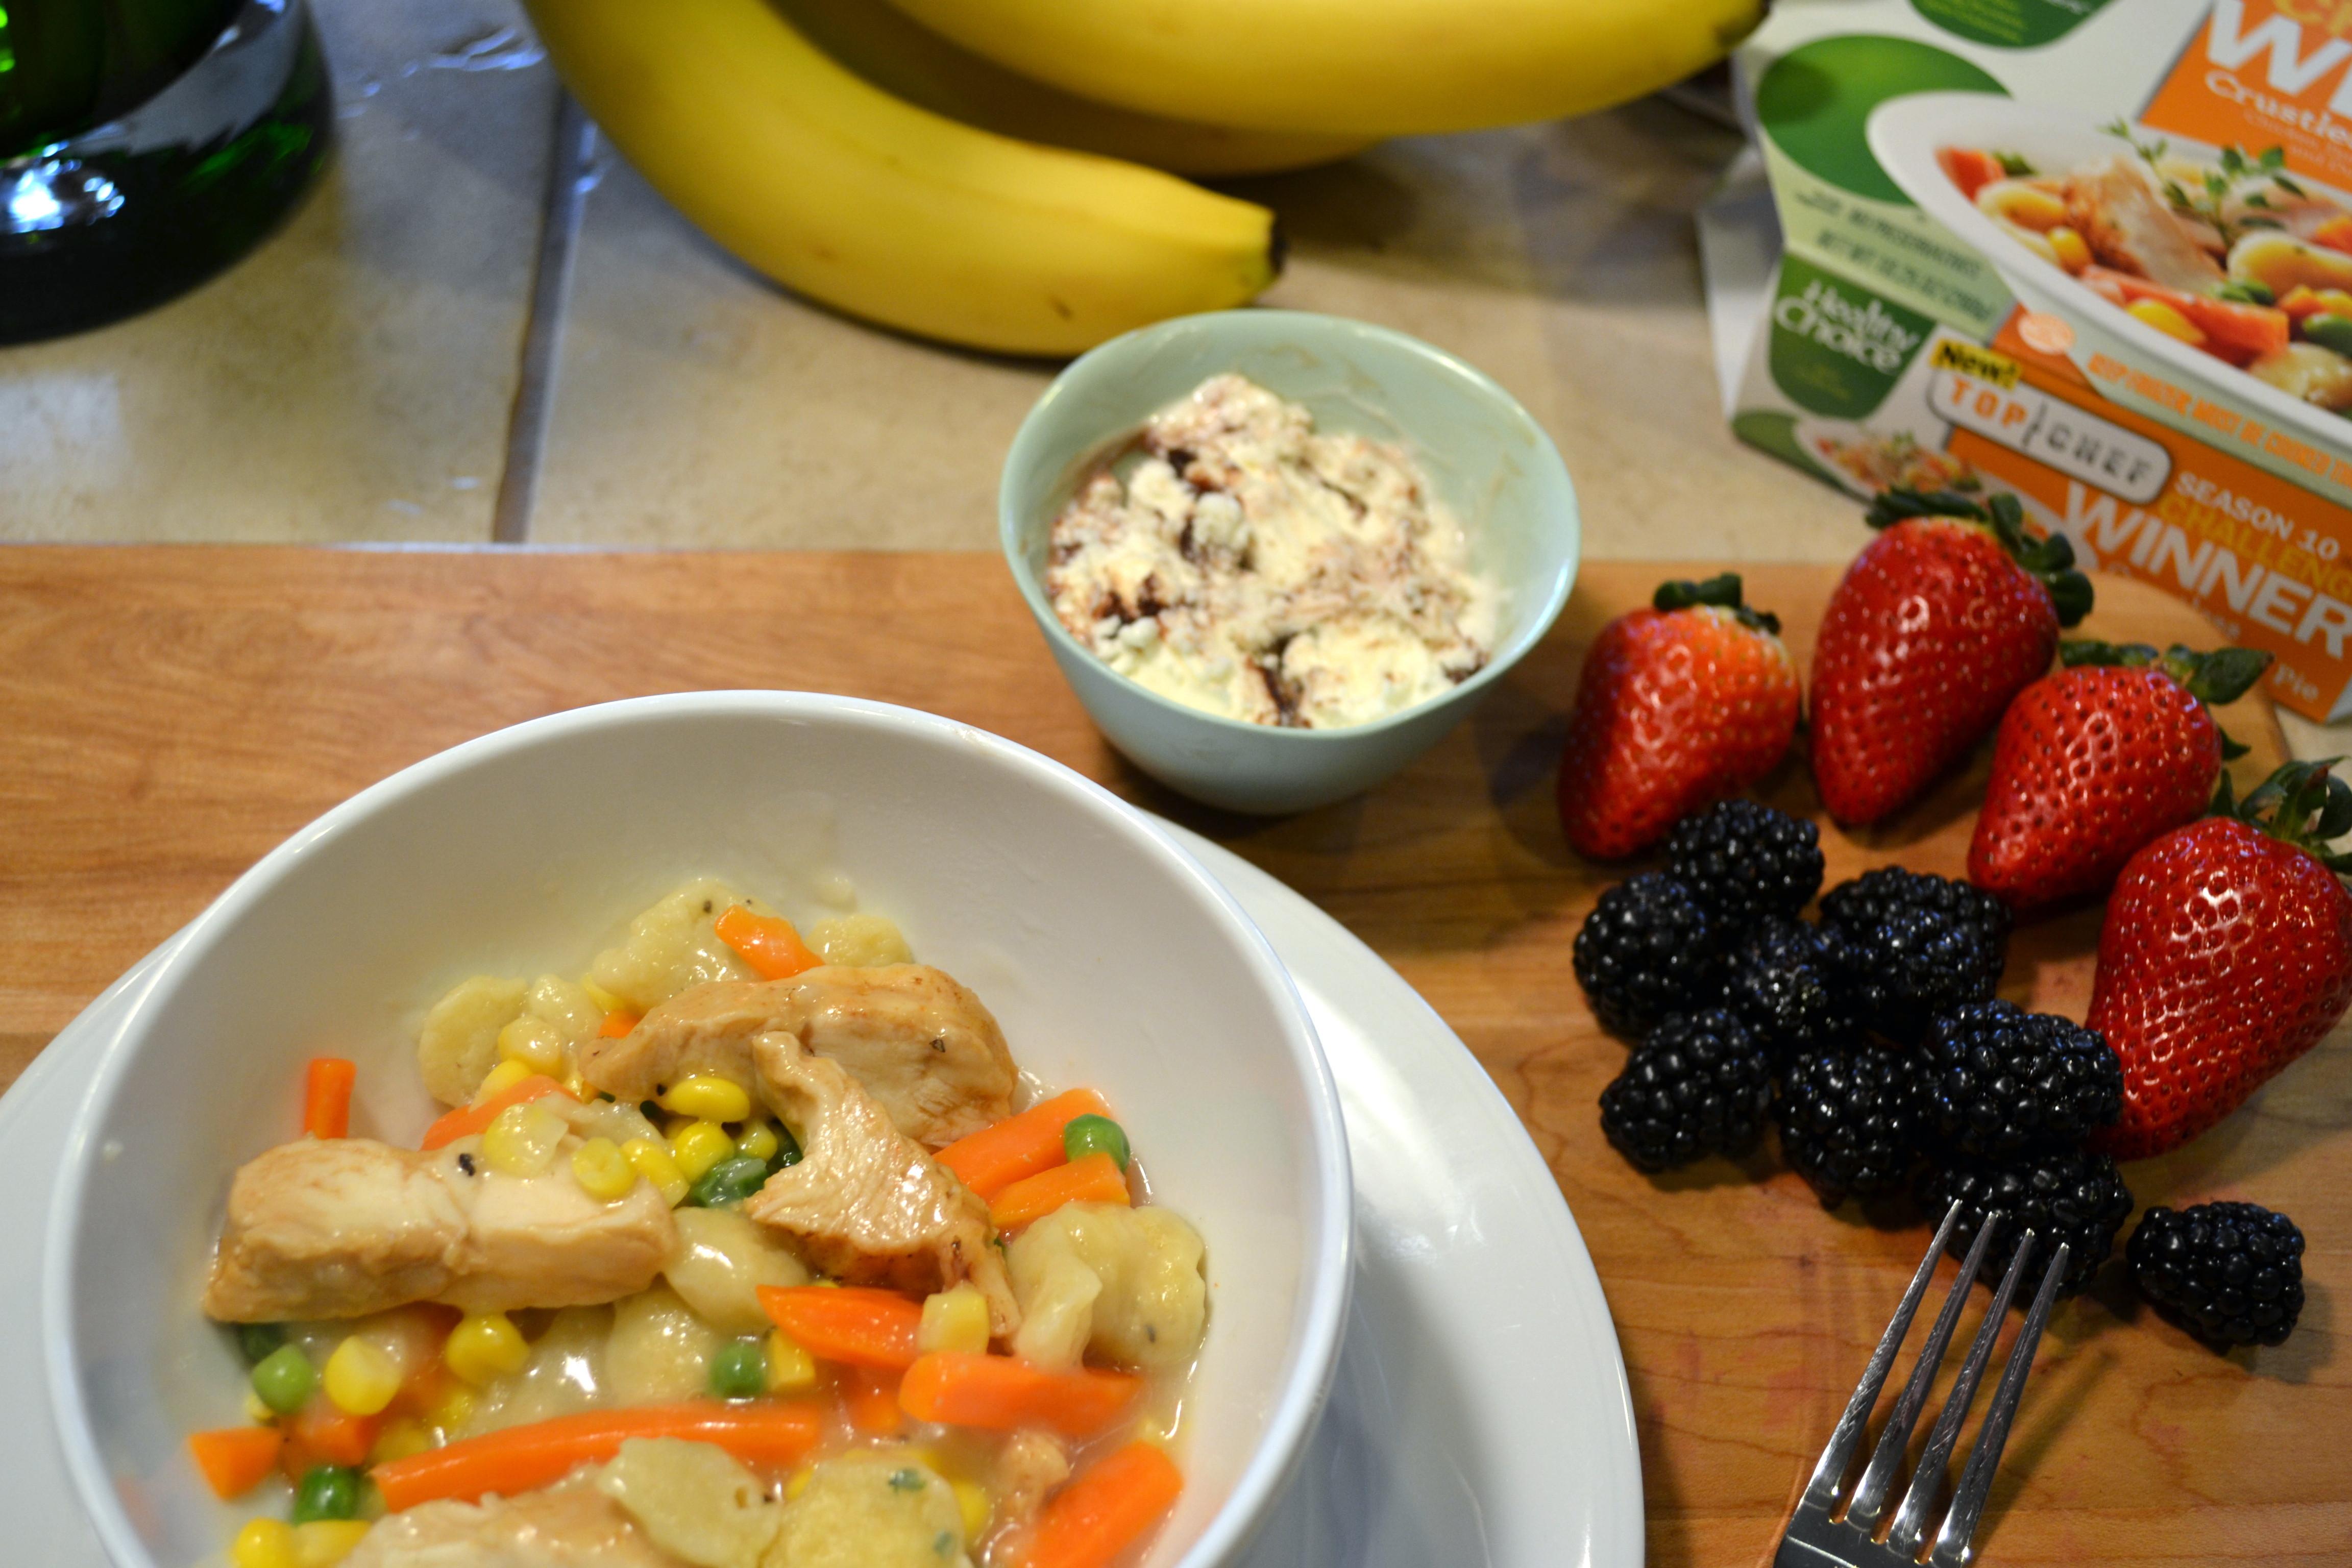 Healthy Choice Crustless Chicken Pot Pie  Healthy Choice Greek Frozen Yogurt Archives Dad Logic